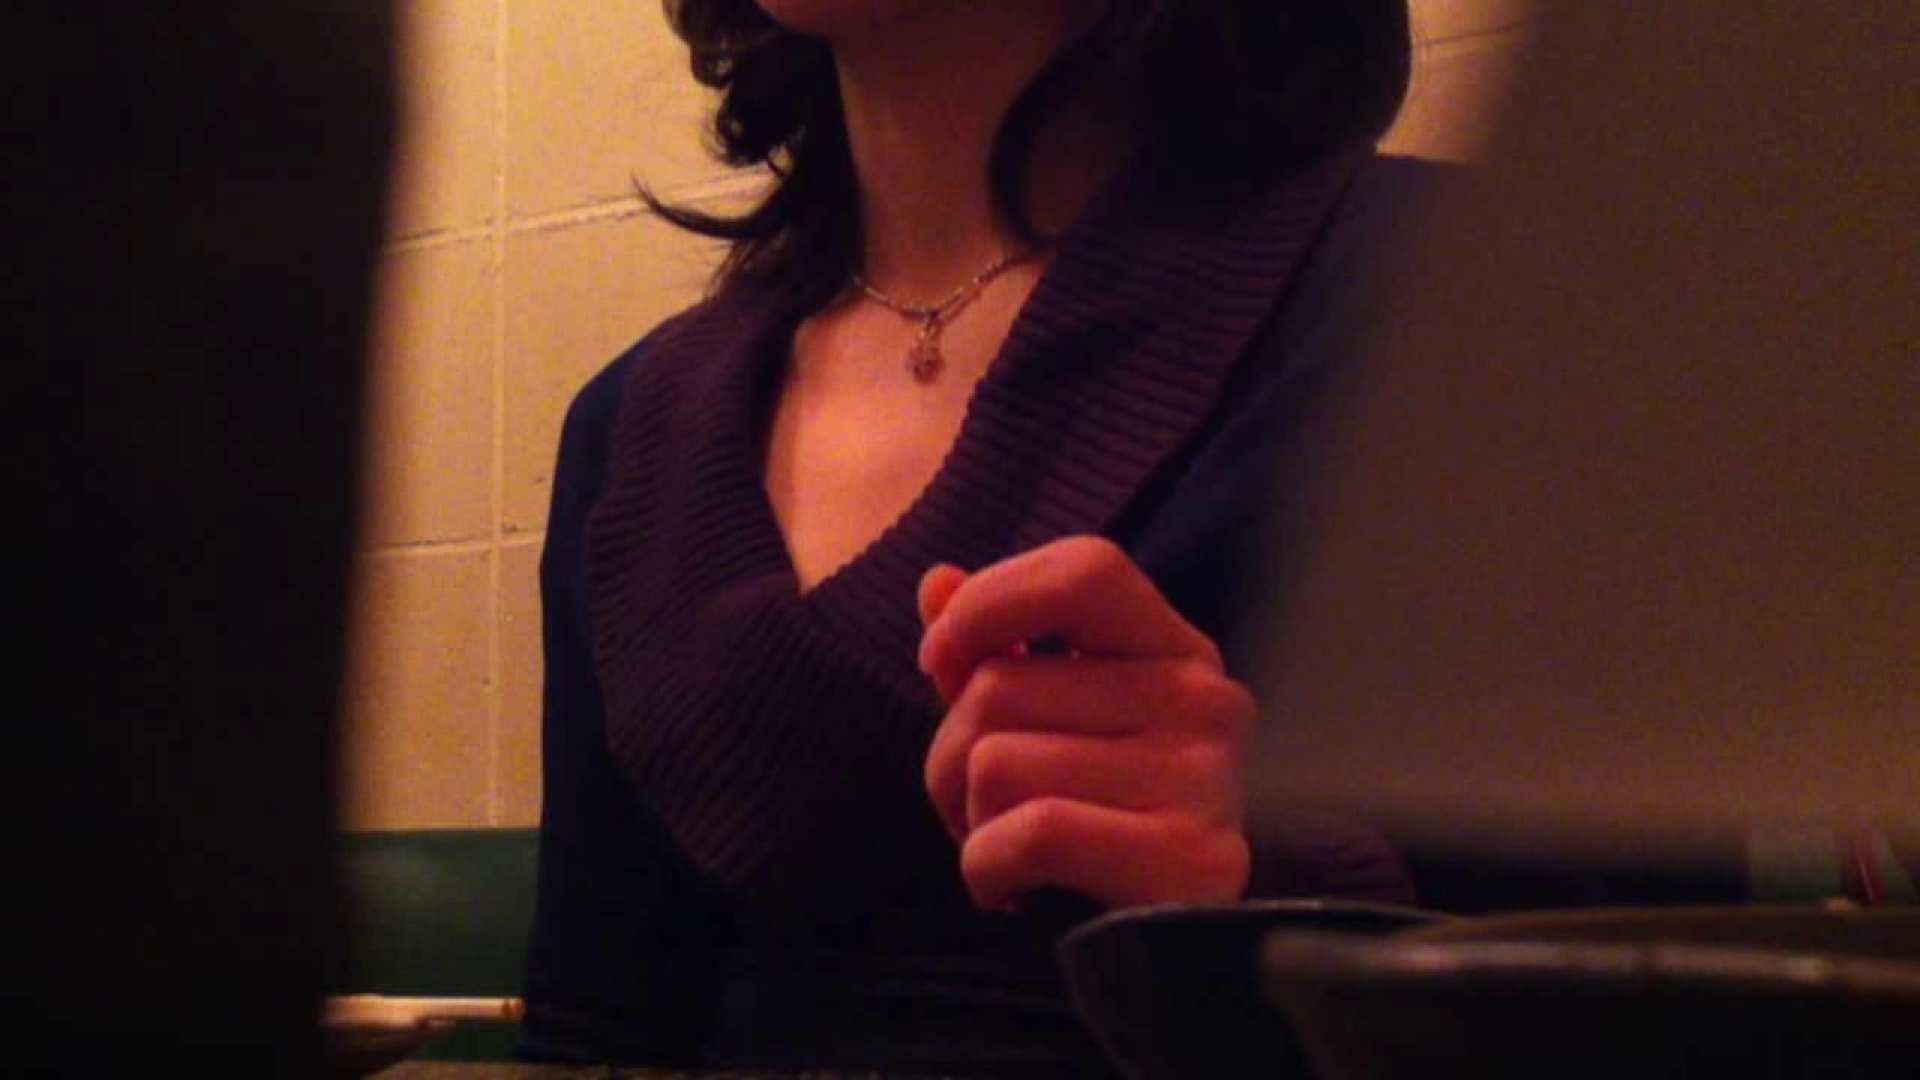 32才バツイチ子持ち現役看護婦じゅんこの変態願望Vol.1 手マン セックス画像 104pic 5